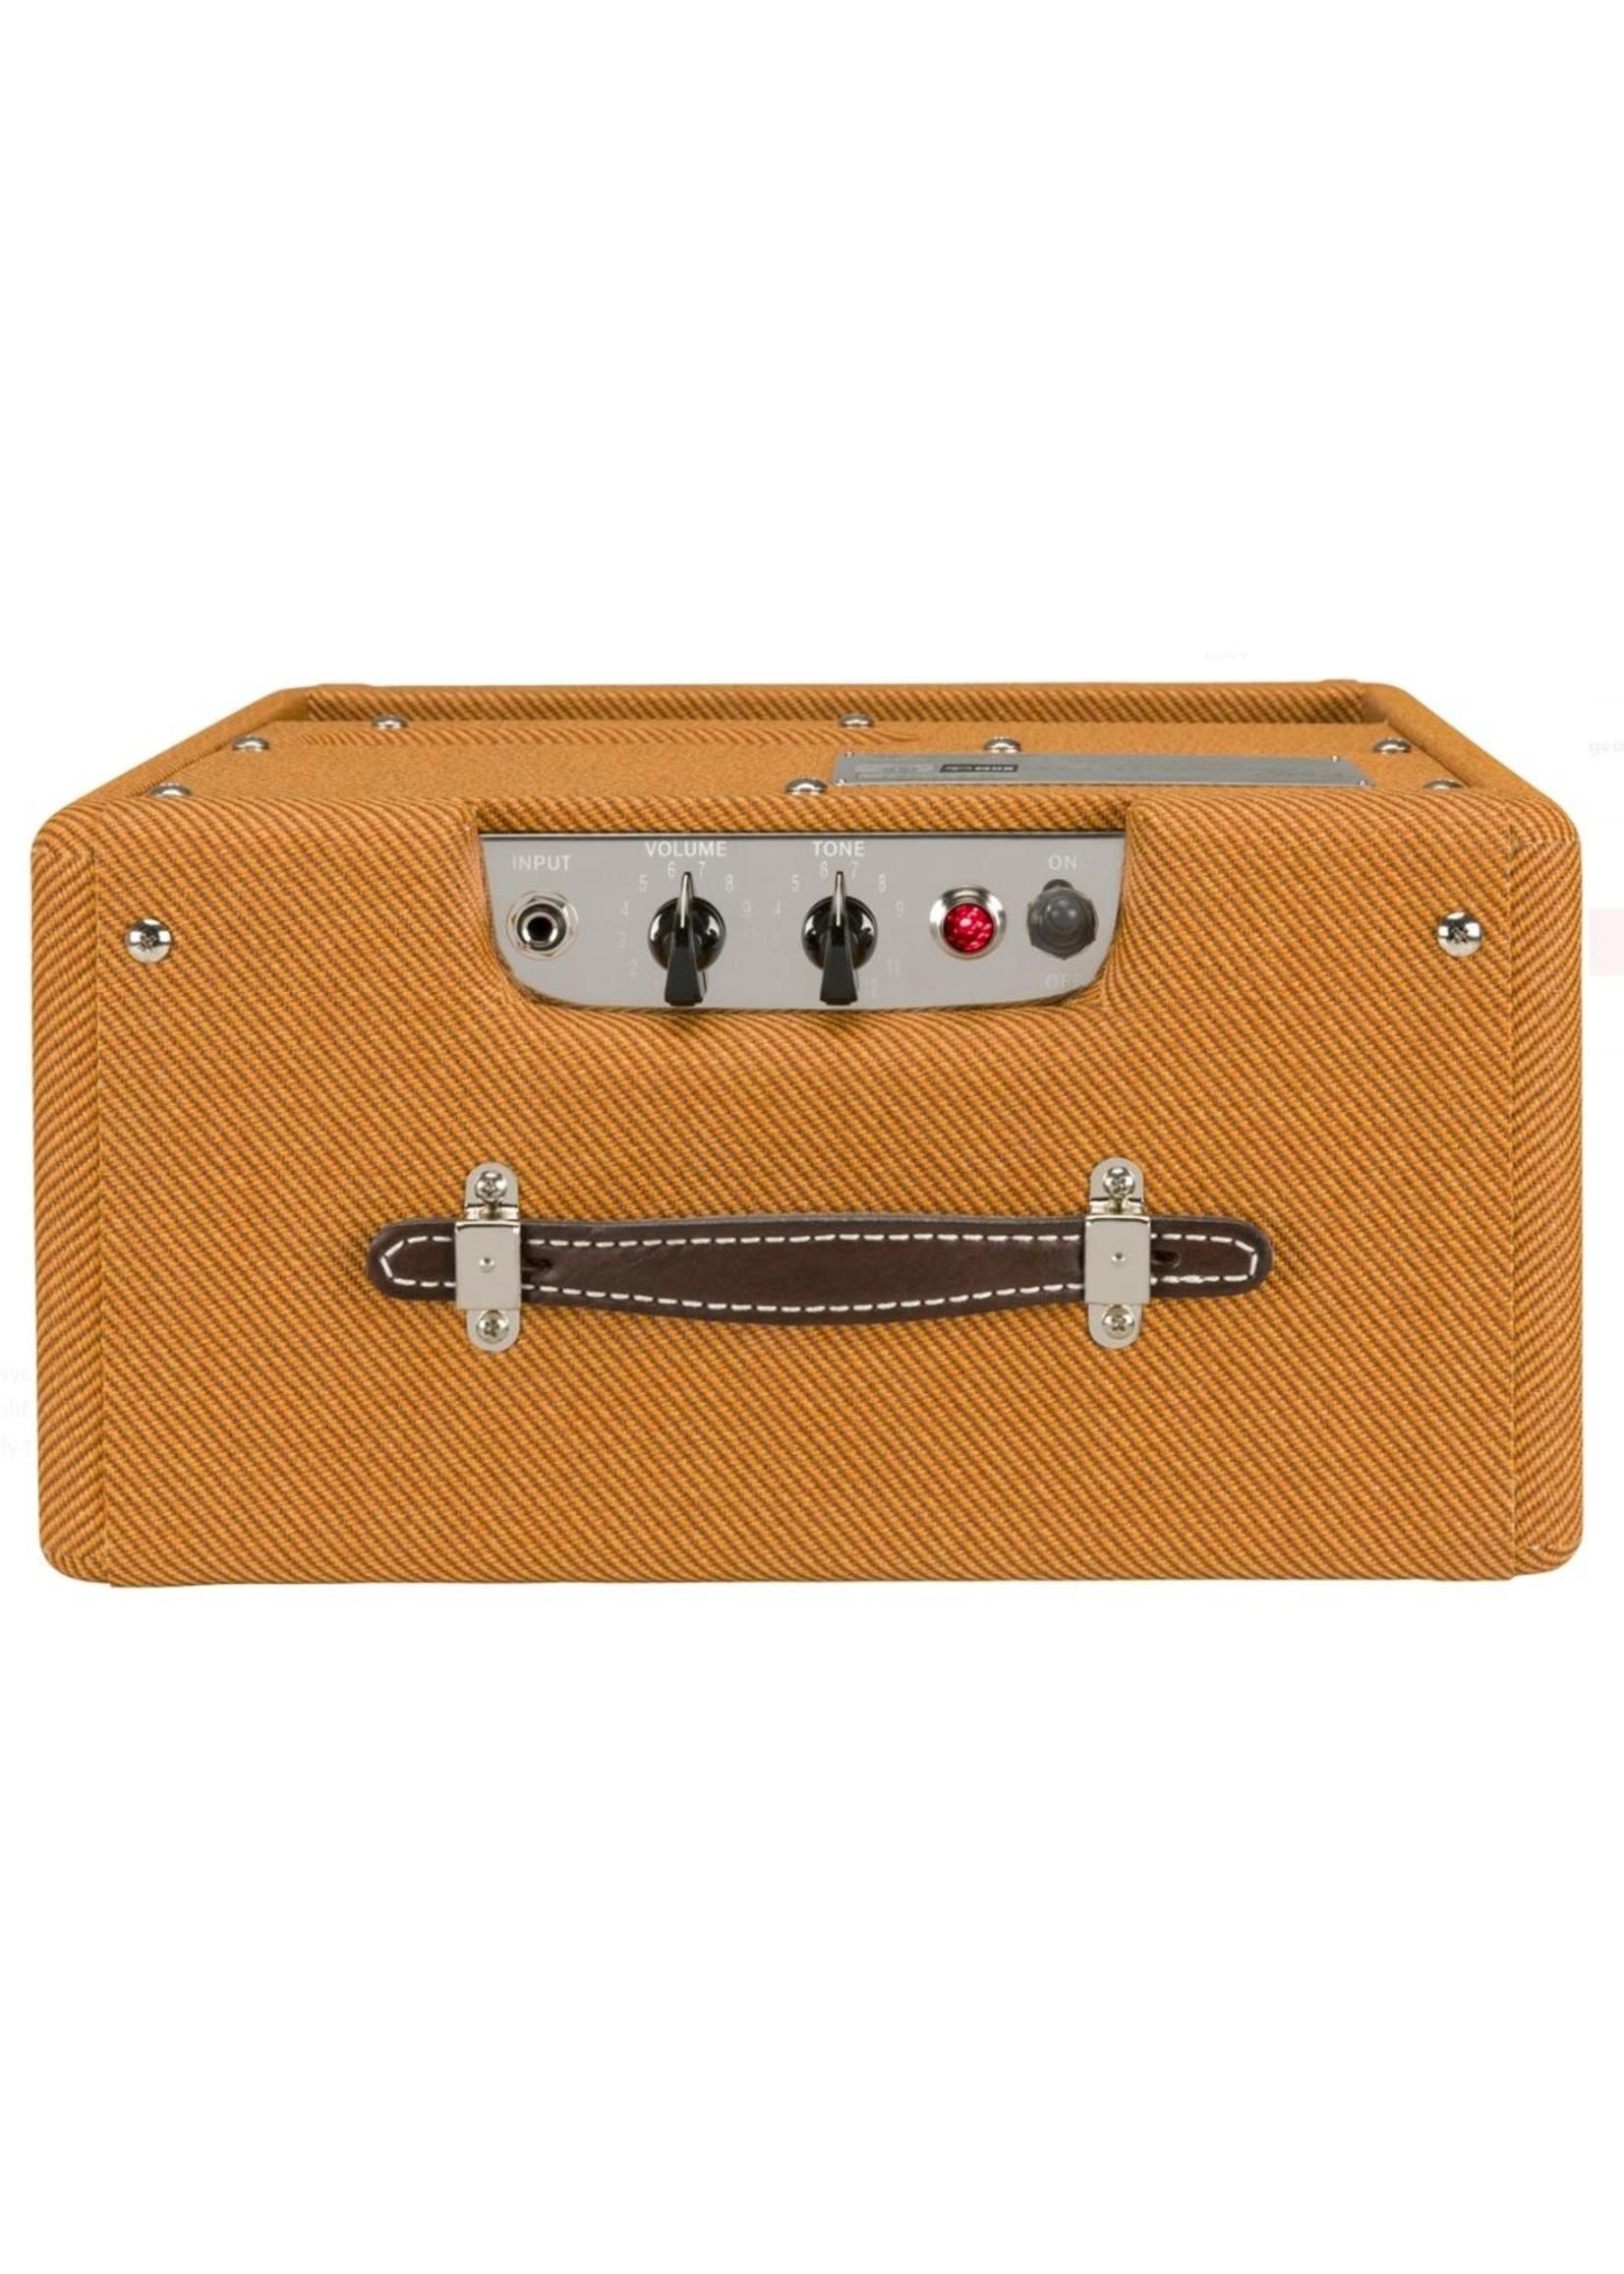 Fender Fender Pro Jr IV 120V 15-Watt Tube Combo Amp Tweed